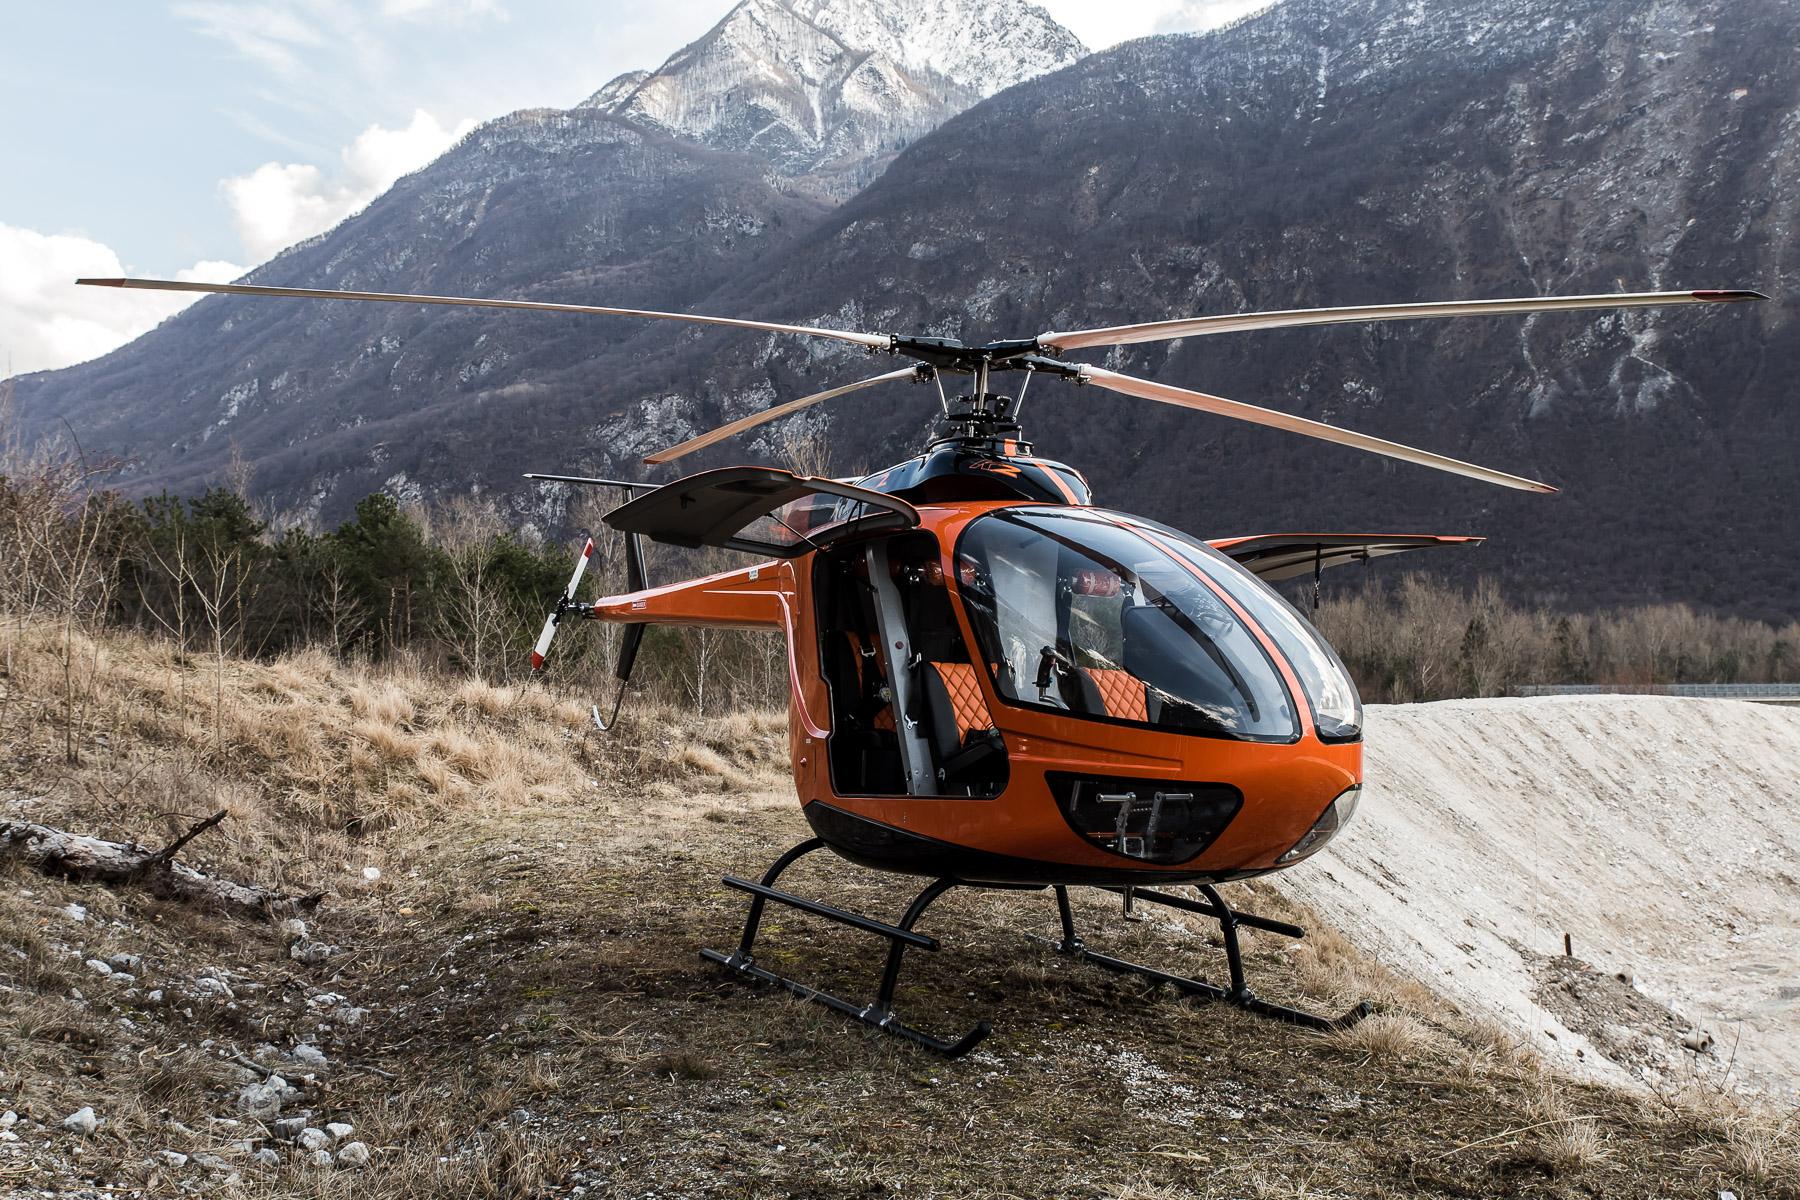 konner-helicopters-costruttori-di-velivoli-amaro-udine-thumbnail